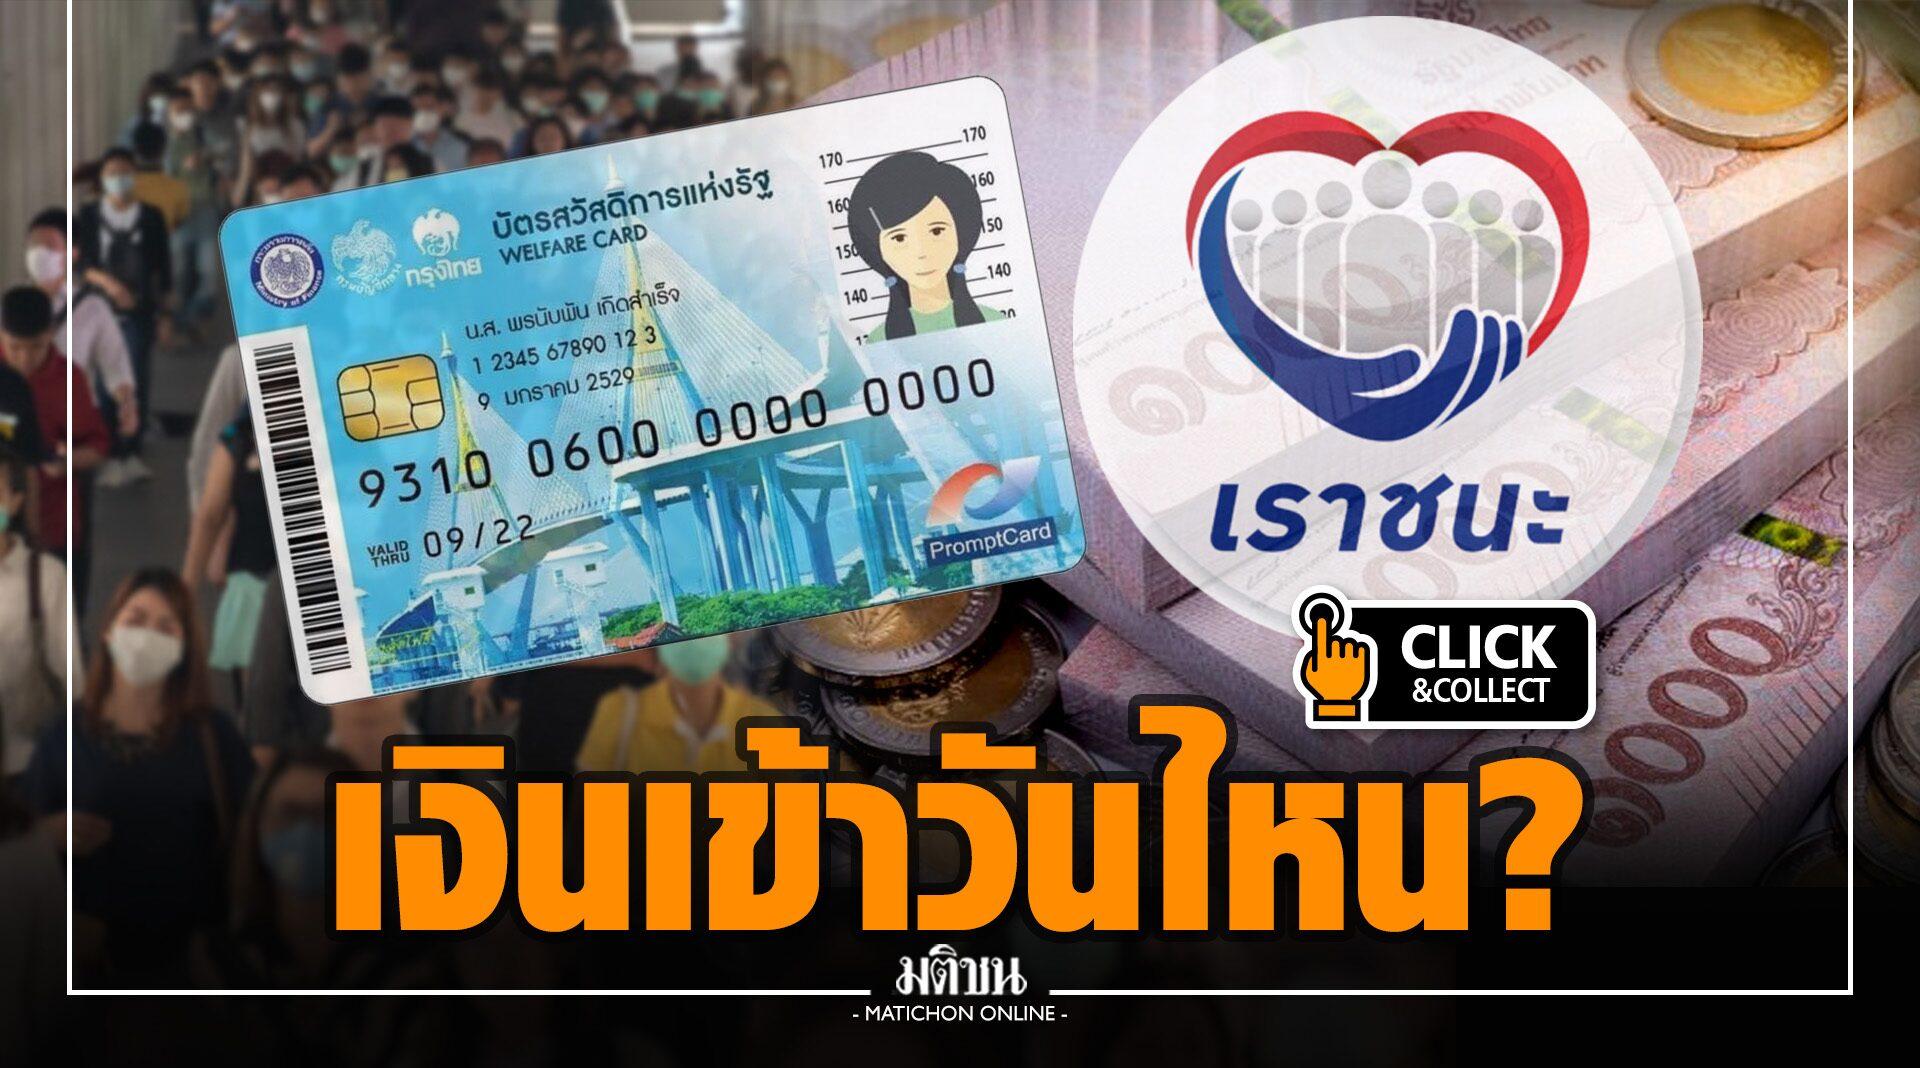 เช็กเลย! วันโอนเงิน 'บัตรคนจน' เดือนก.พ. พร้อมเงินพิเศษจาก 'เราชนะ' เข้าวันไหน